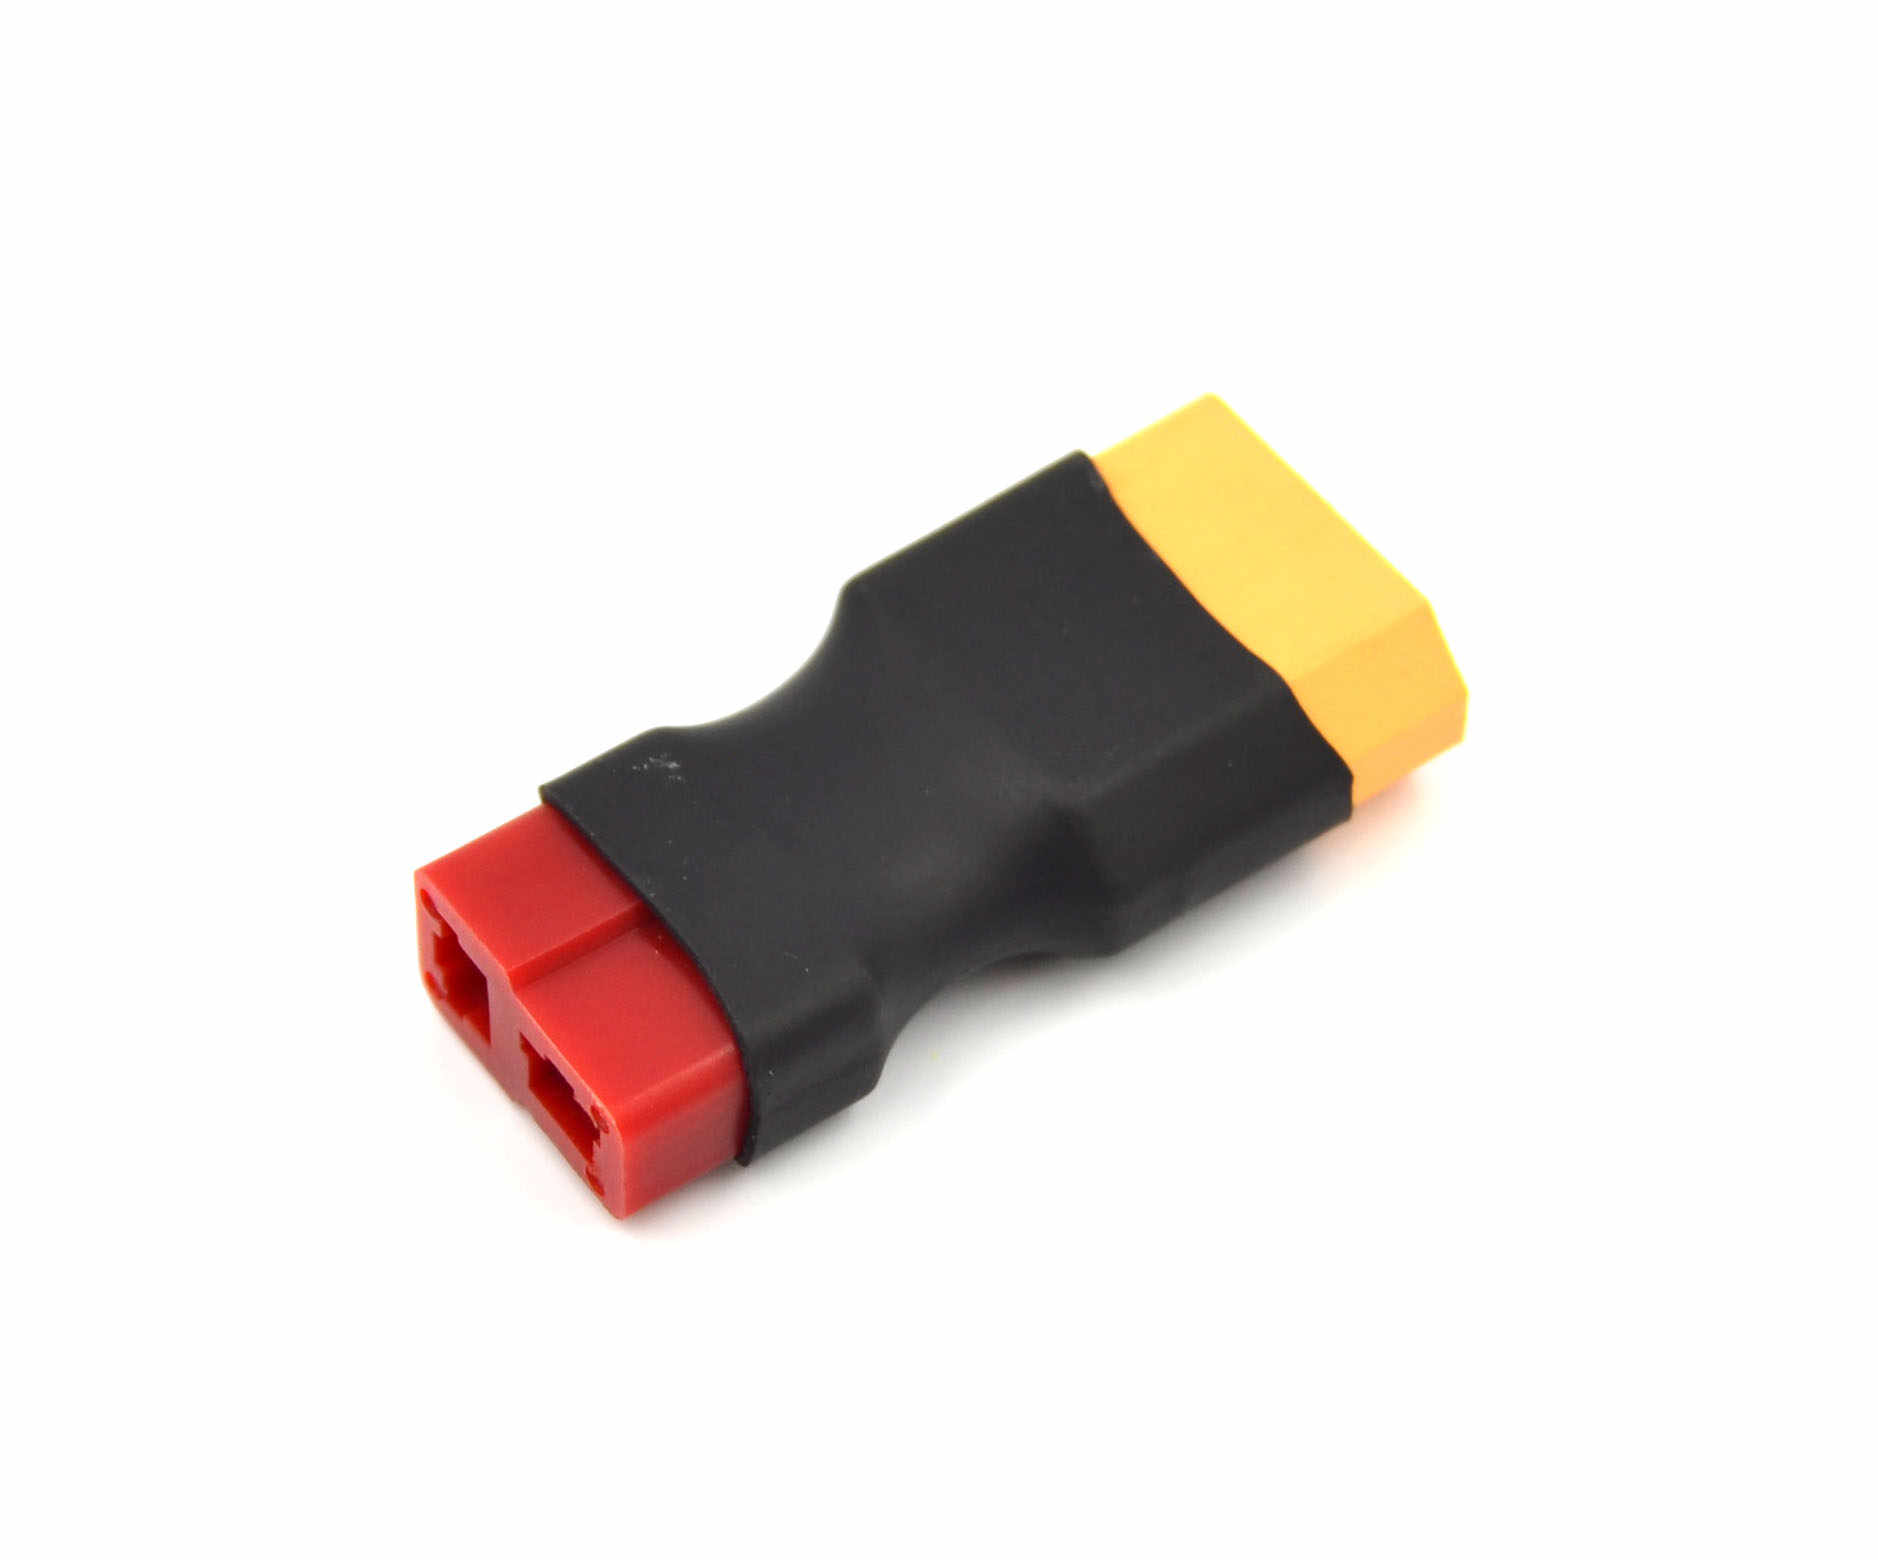 T prise femelle tourner vers XT60 adaptateur connecteur femelle XT 60